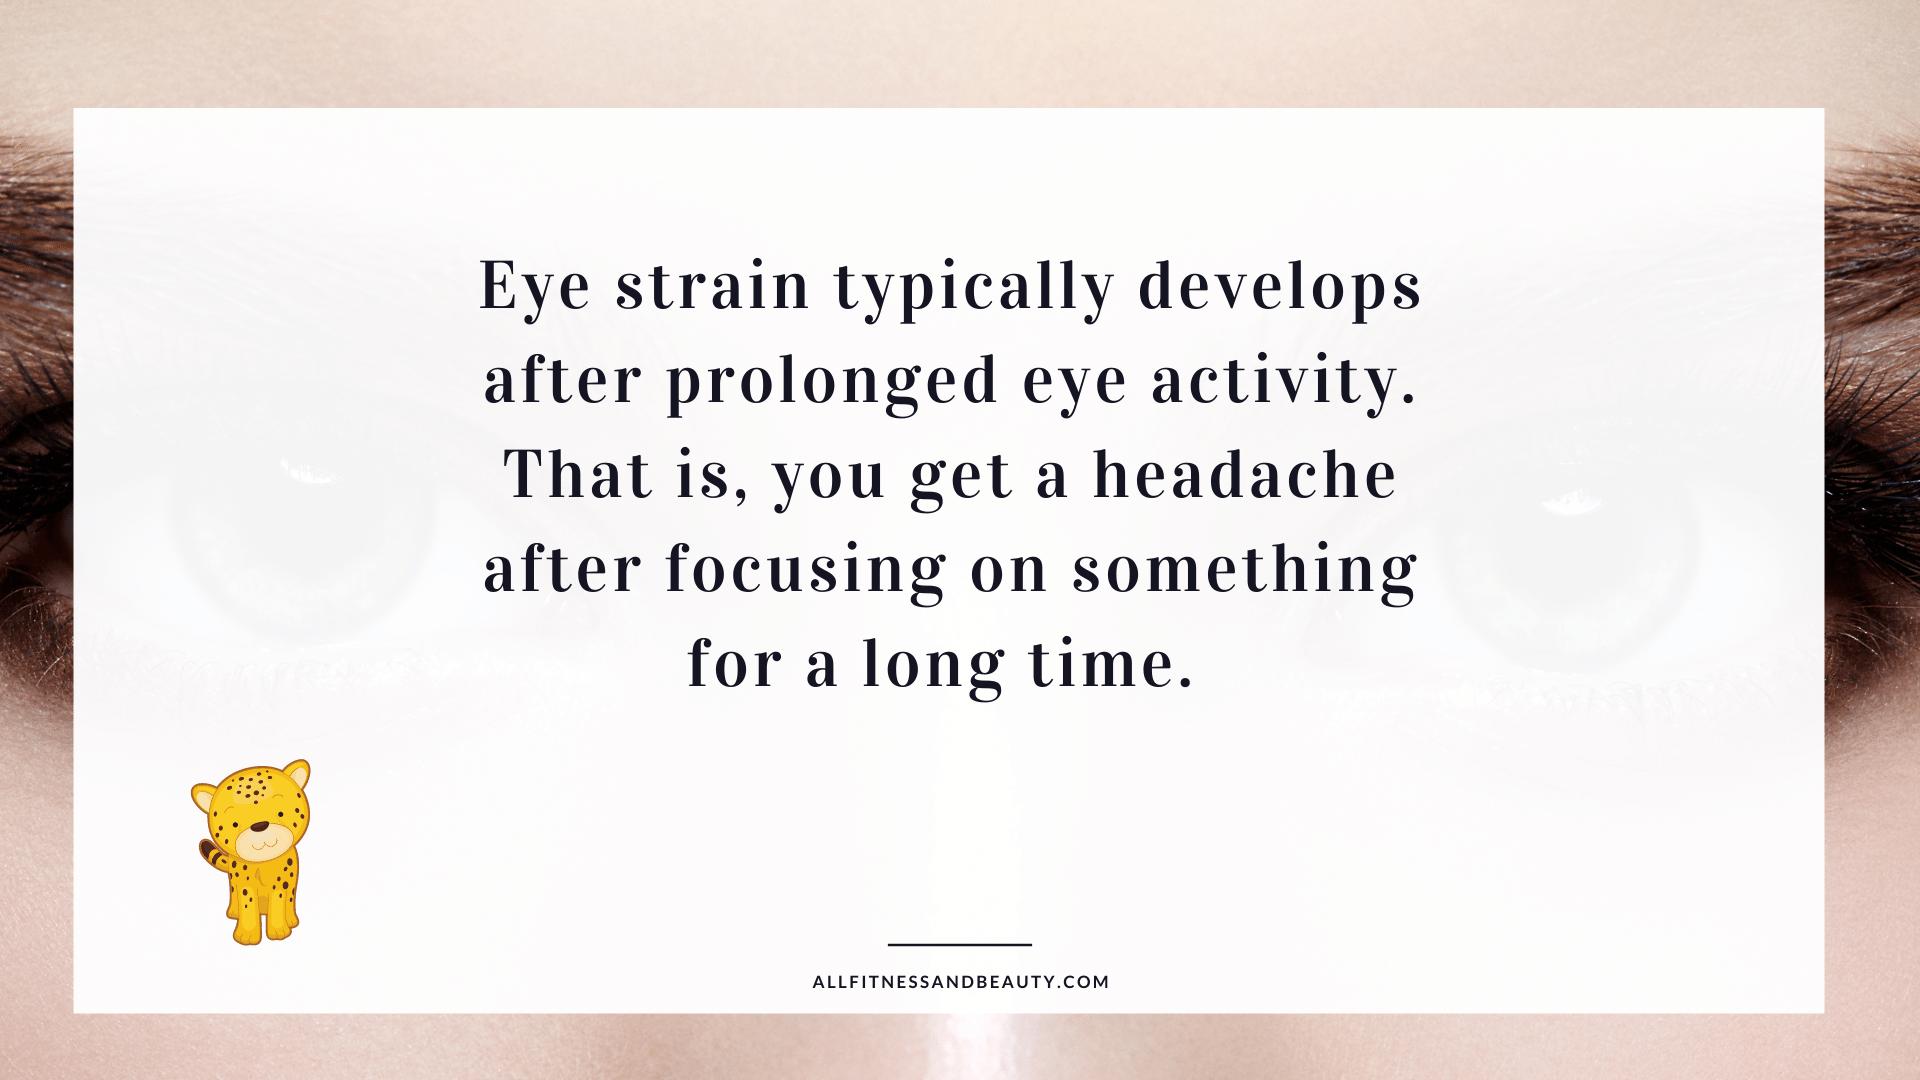 eye strain headaches - causes